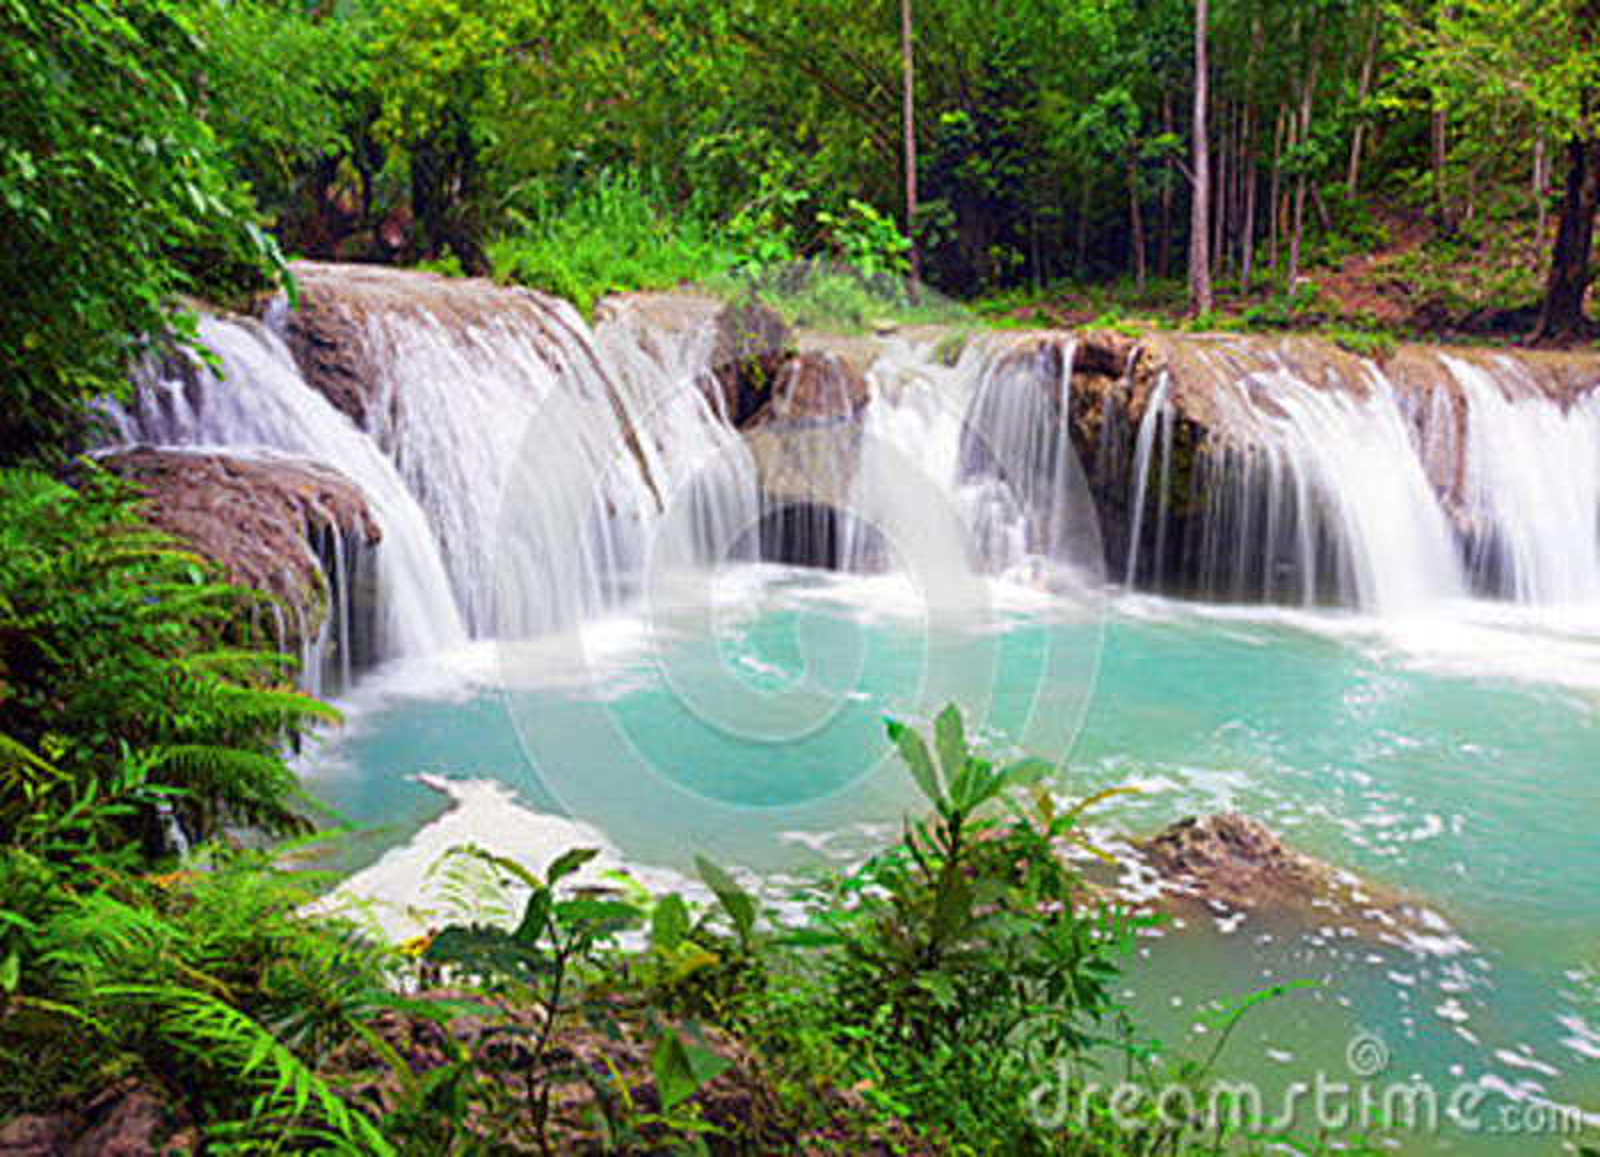 Wasserfall von Insel von Siquijor philippinen